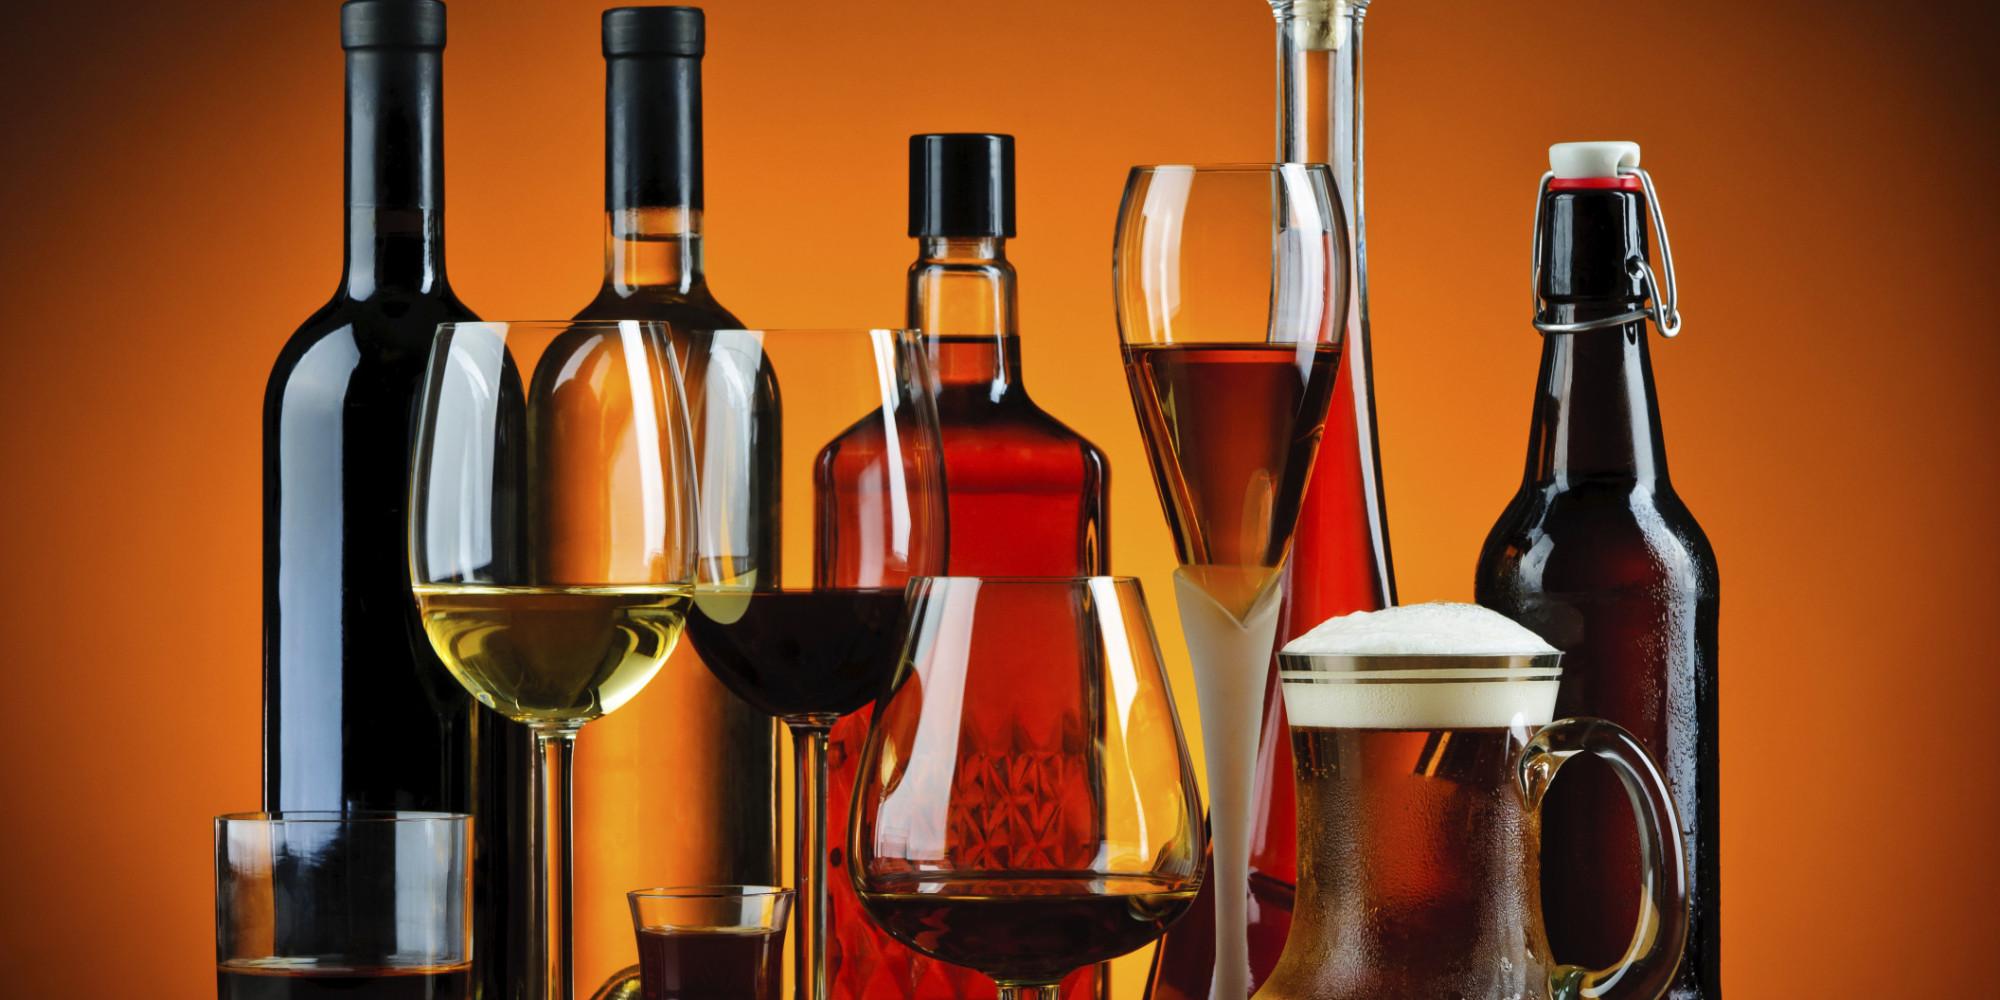 Согтууруулах ундаа хэрэглэх